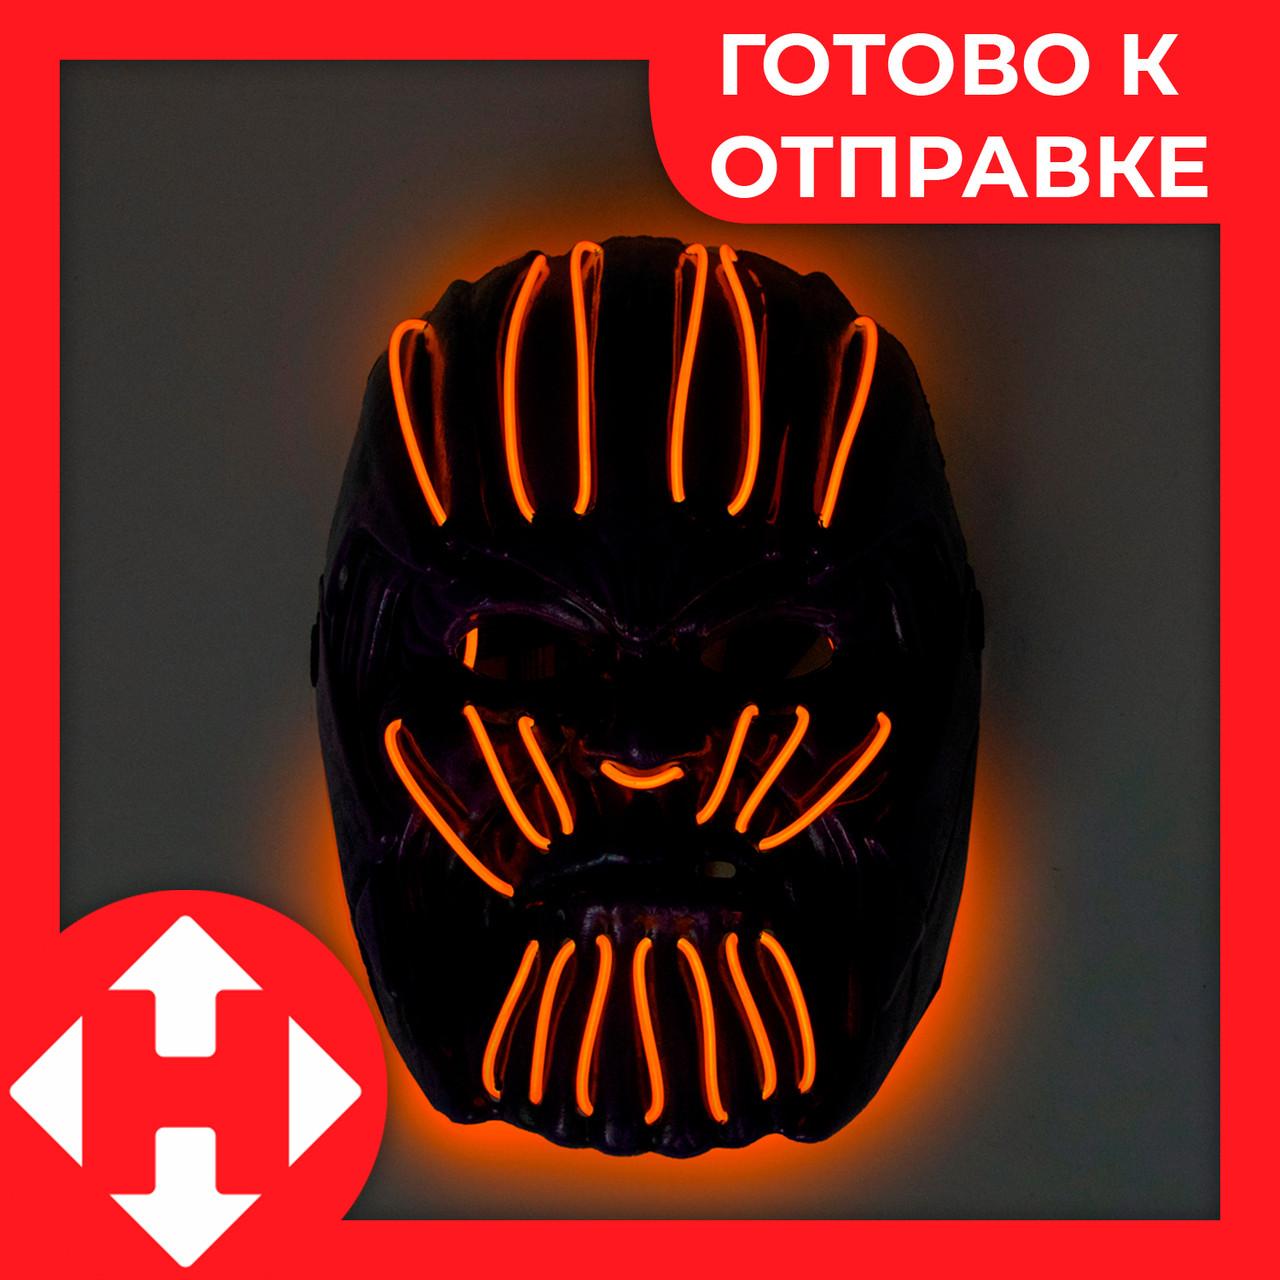 """Распродажа! Маска злодея """"Таноса"""" оранжевая,  светящаяся светодиодная маска для детей на Хэллоуин"""